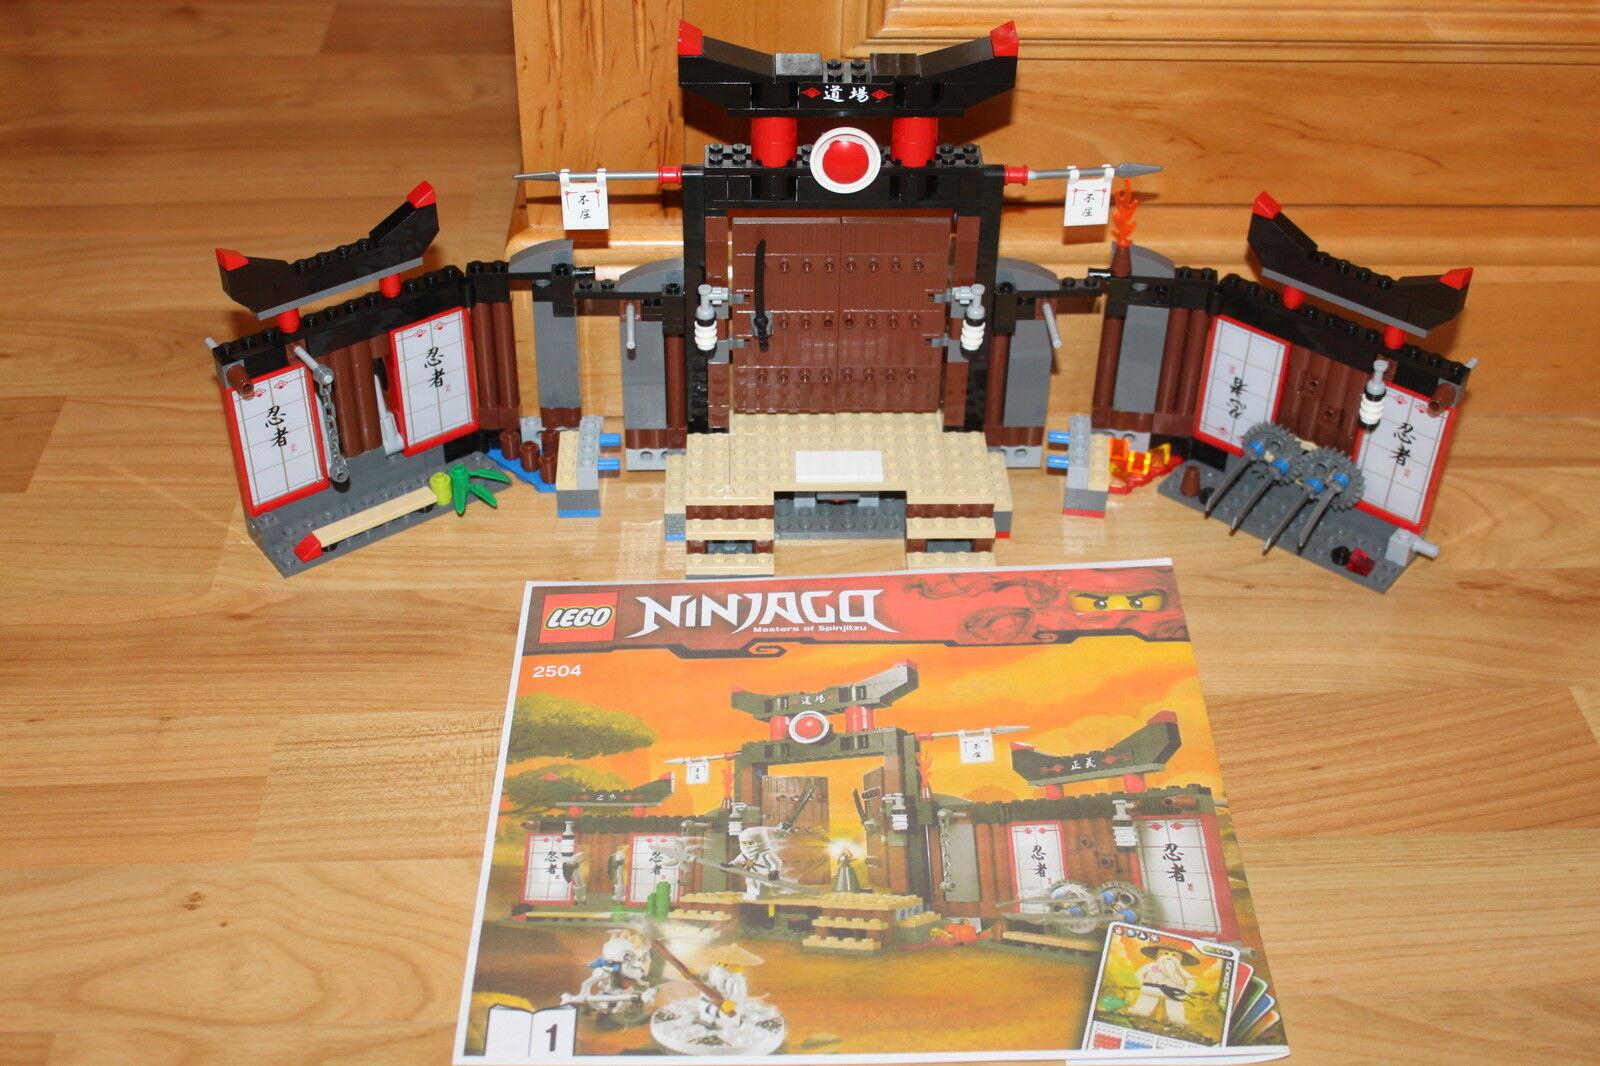 Lego Ninjago - Ninja SPINJITZU DOJO mit Waffen, Kendo Samurai aus Set 2504  | Spielen Sie auf der ganzen Welt und verhindern Sie, dass Ihre Kinder einsam sind